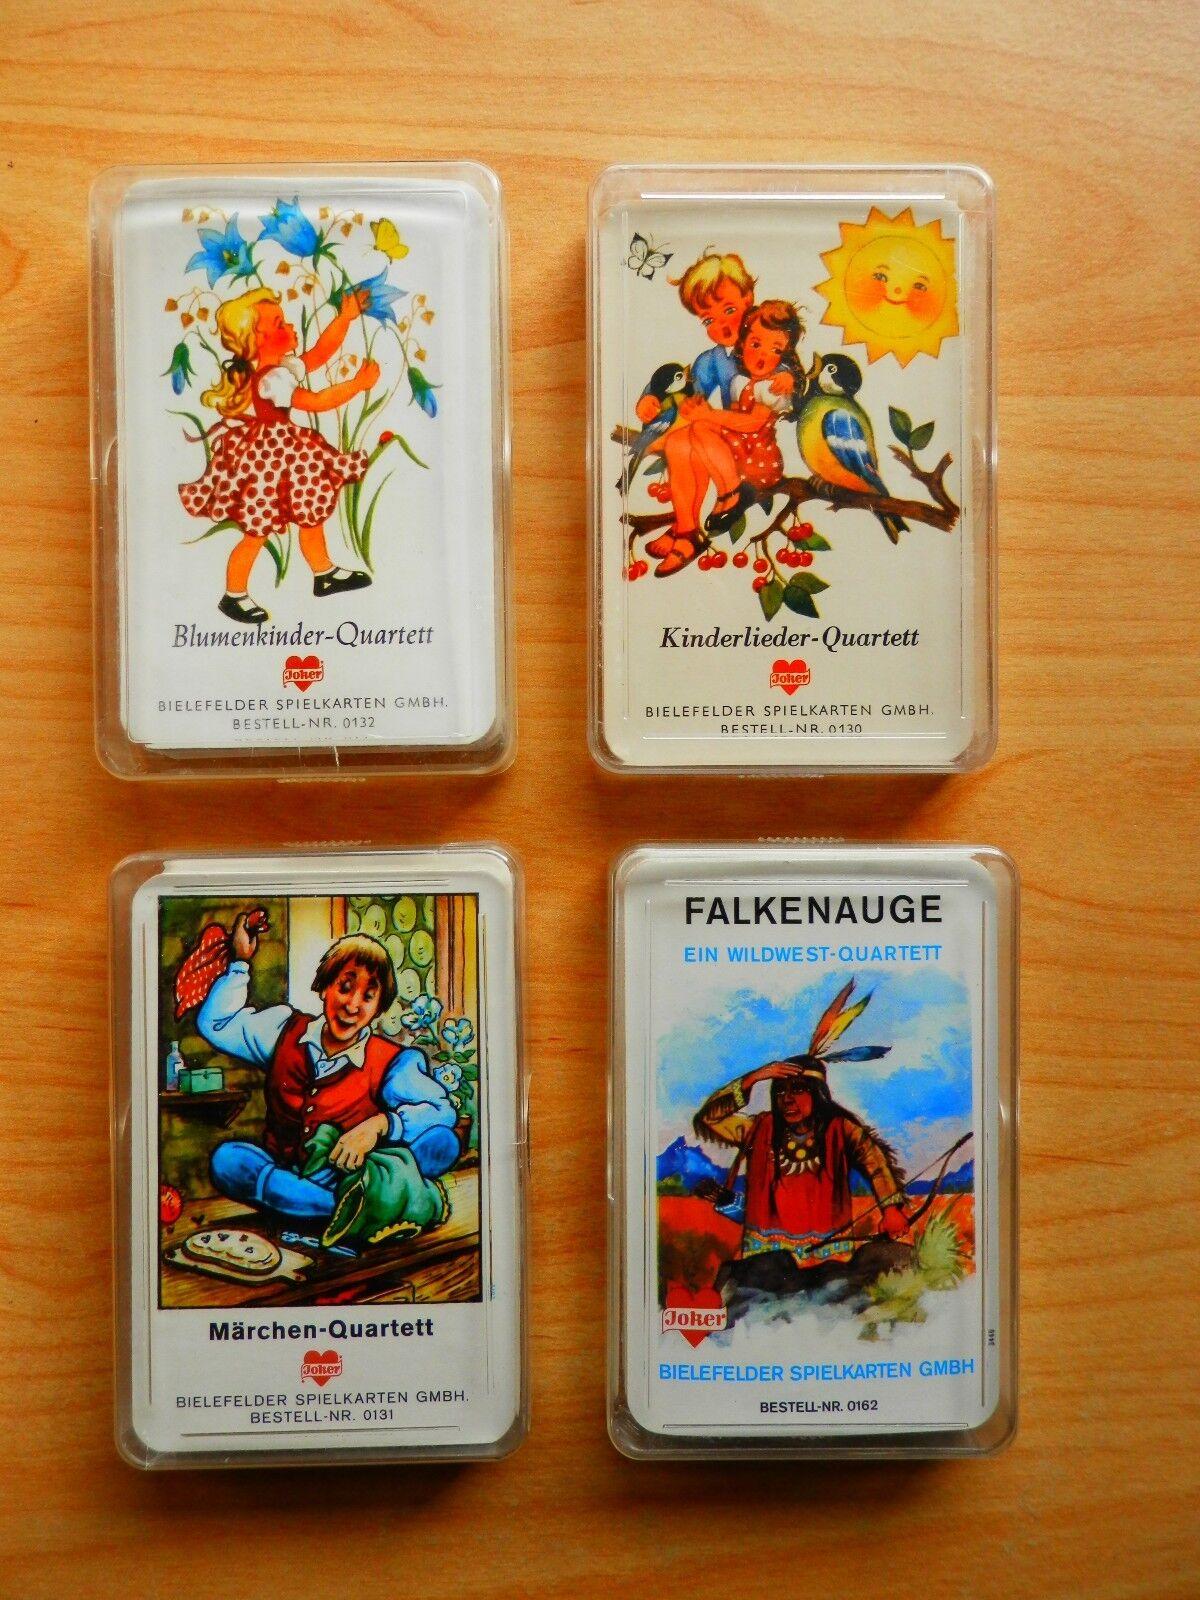 4 Kinder-Quartette Falkenauge Kinderlieder Märchen Blaumenkinder  Bielefelder TOP